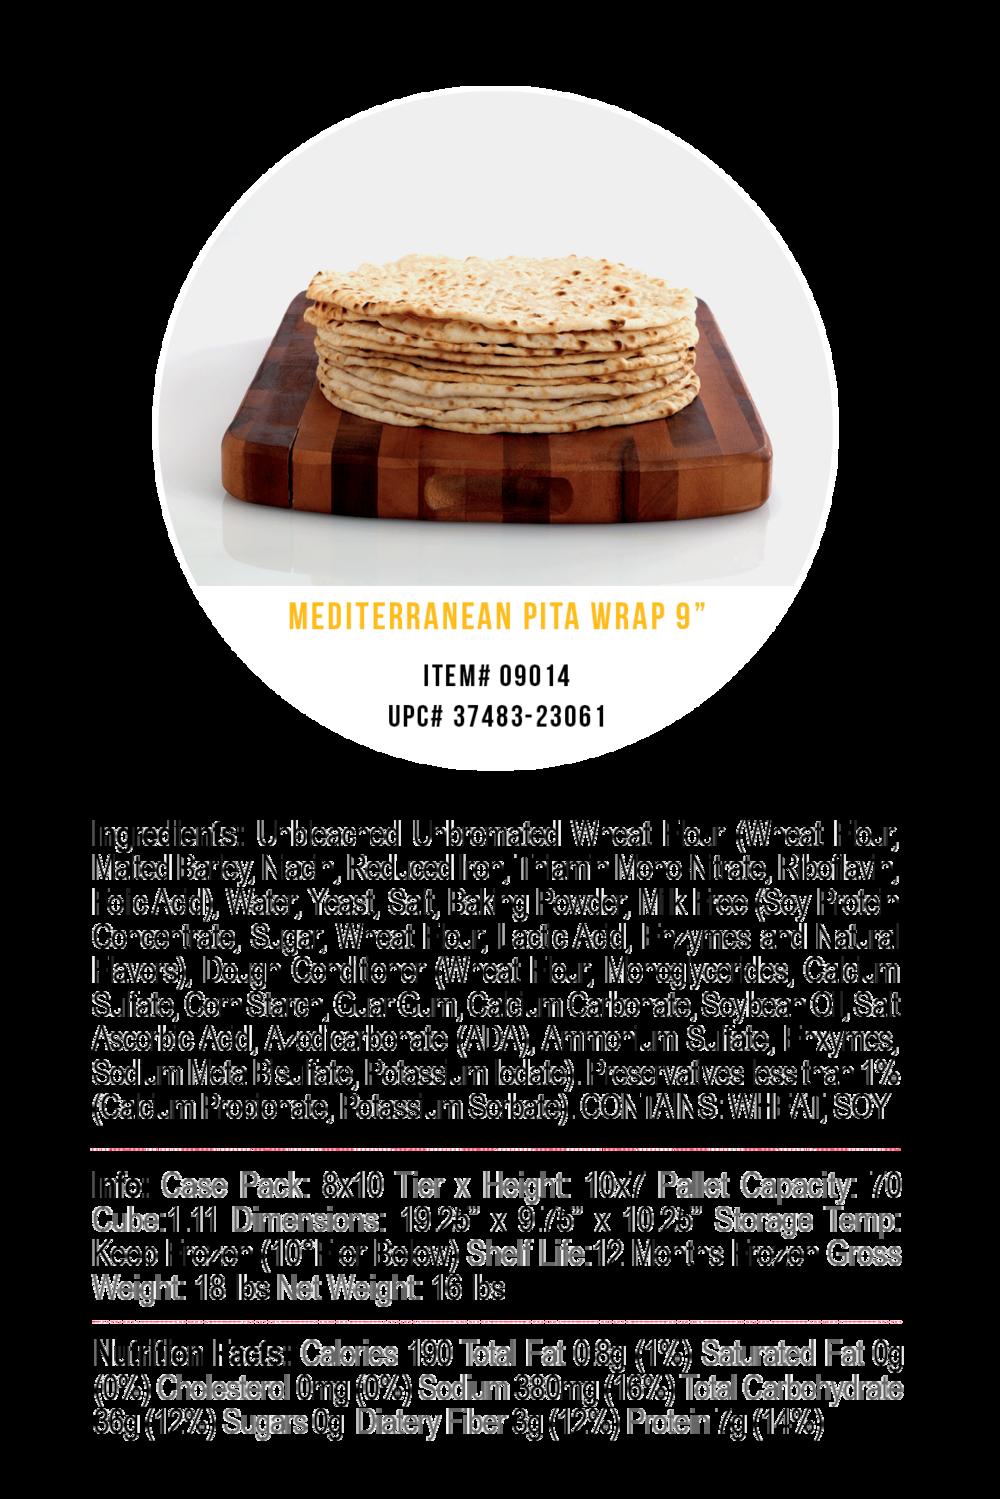 corfu-pita-breads-mediterranean-9 in.png